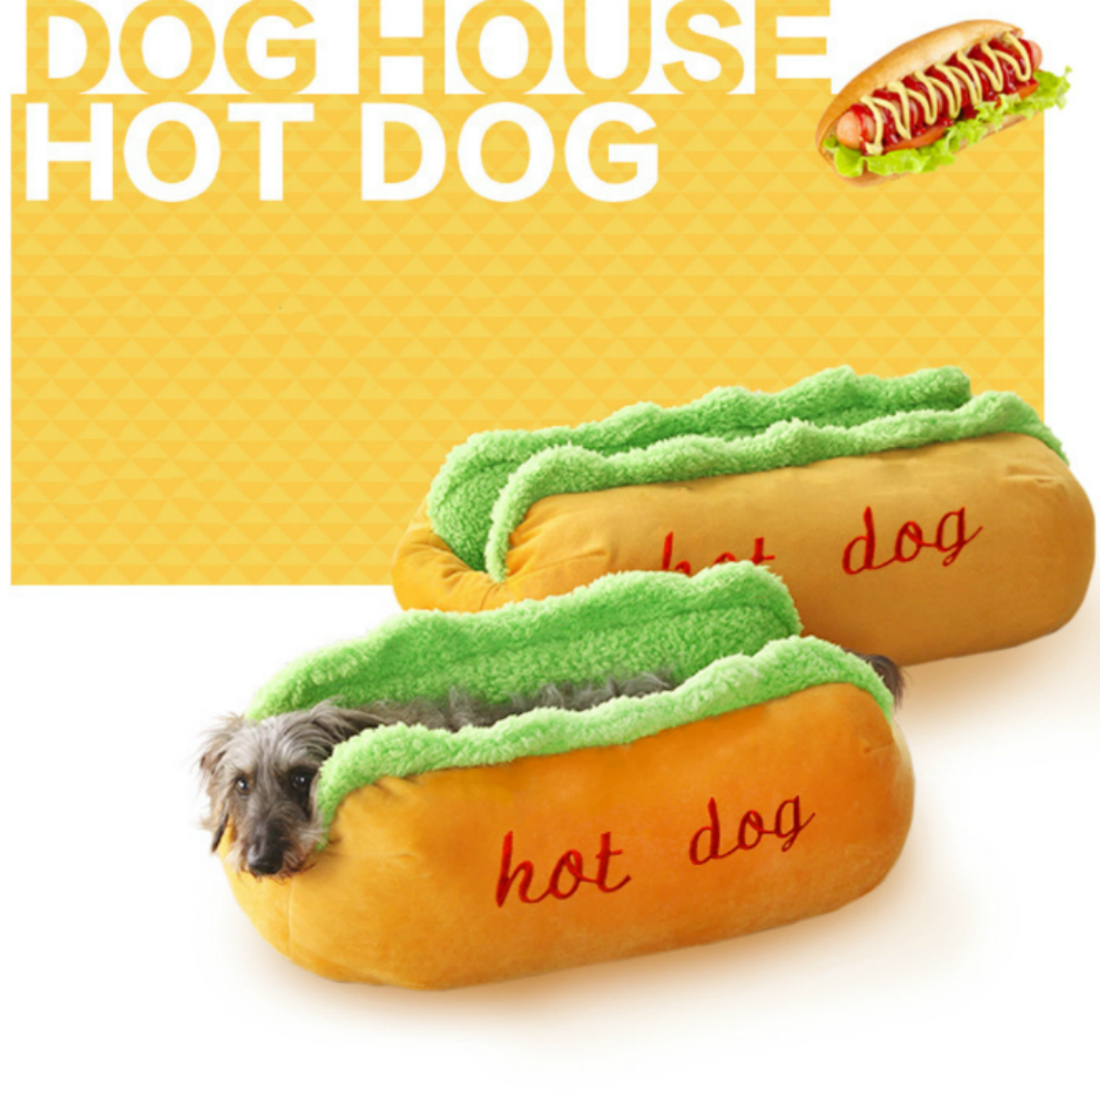 Hot Dog Letti Per Cani Letti Stuoia Pet Divano Carino Morbide Estraibili per Cozy Cucciolo Lettiera del Gatto Che Dorme Cuscino Chihuahua Teddy Nido Canile